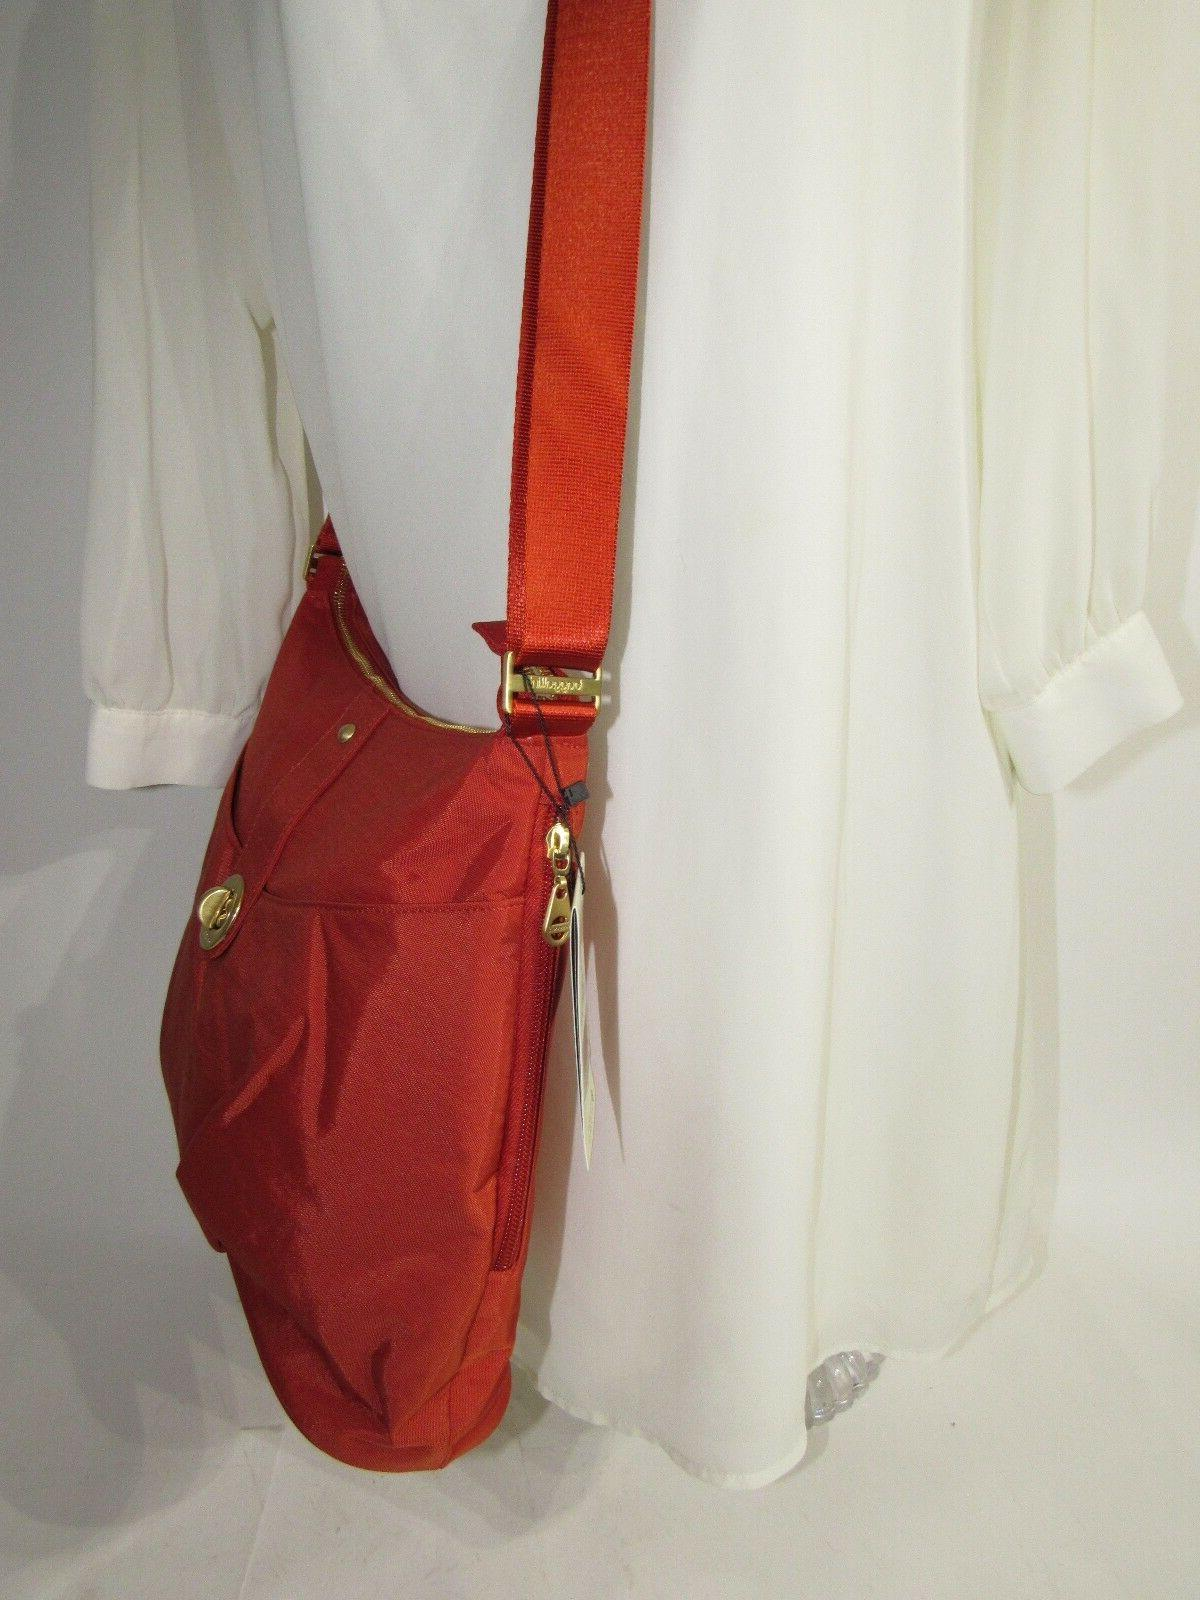 Baggallini Crossbody Shoulder Bag Water-resistant Wrislet